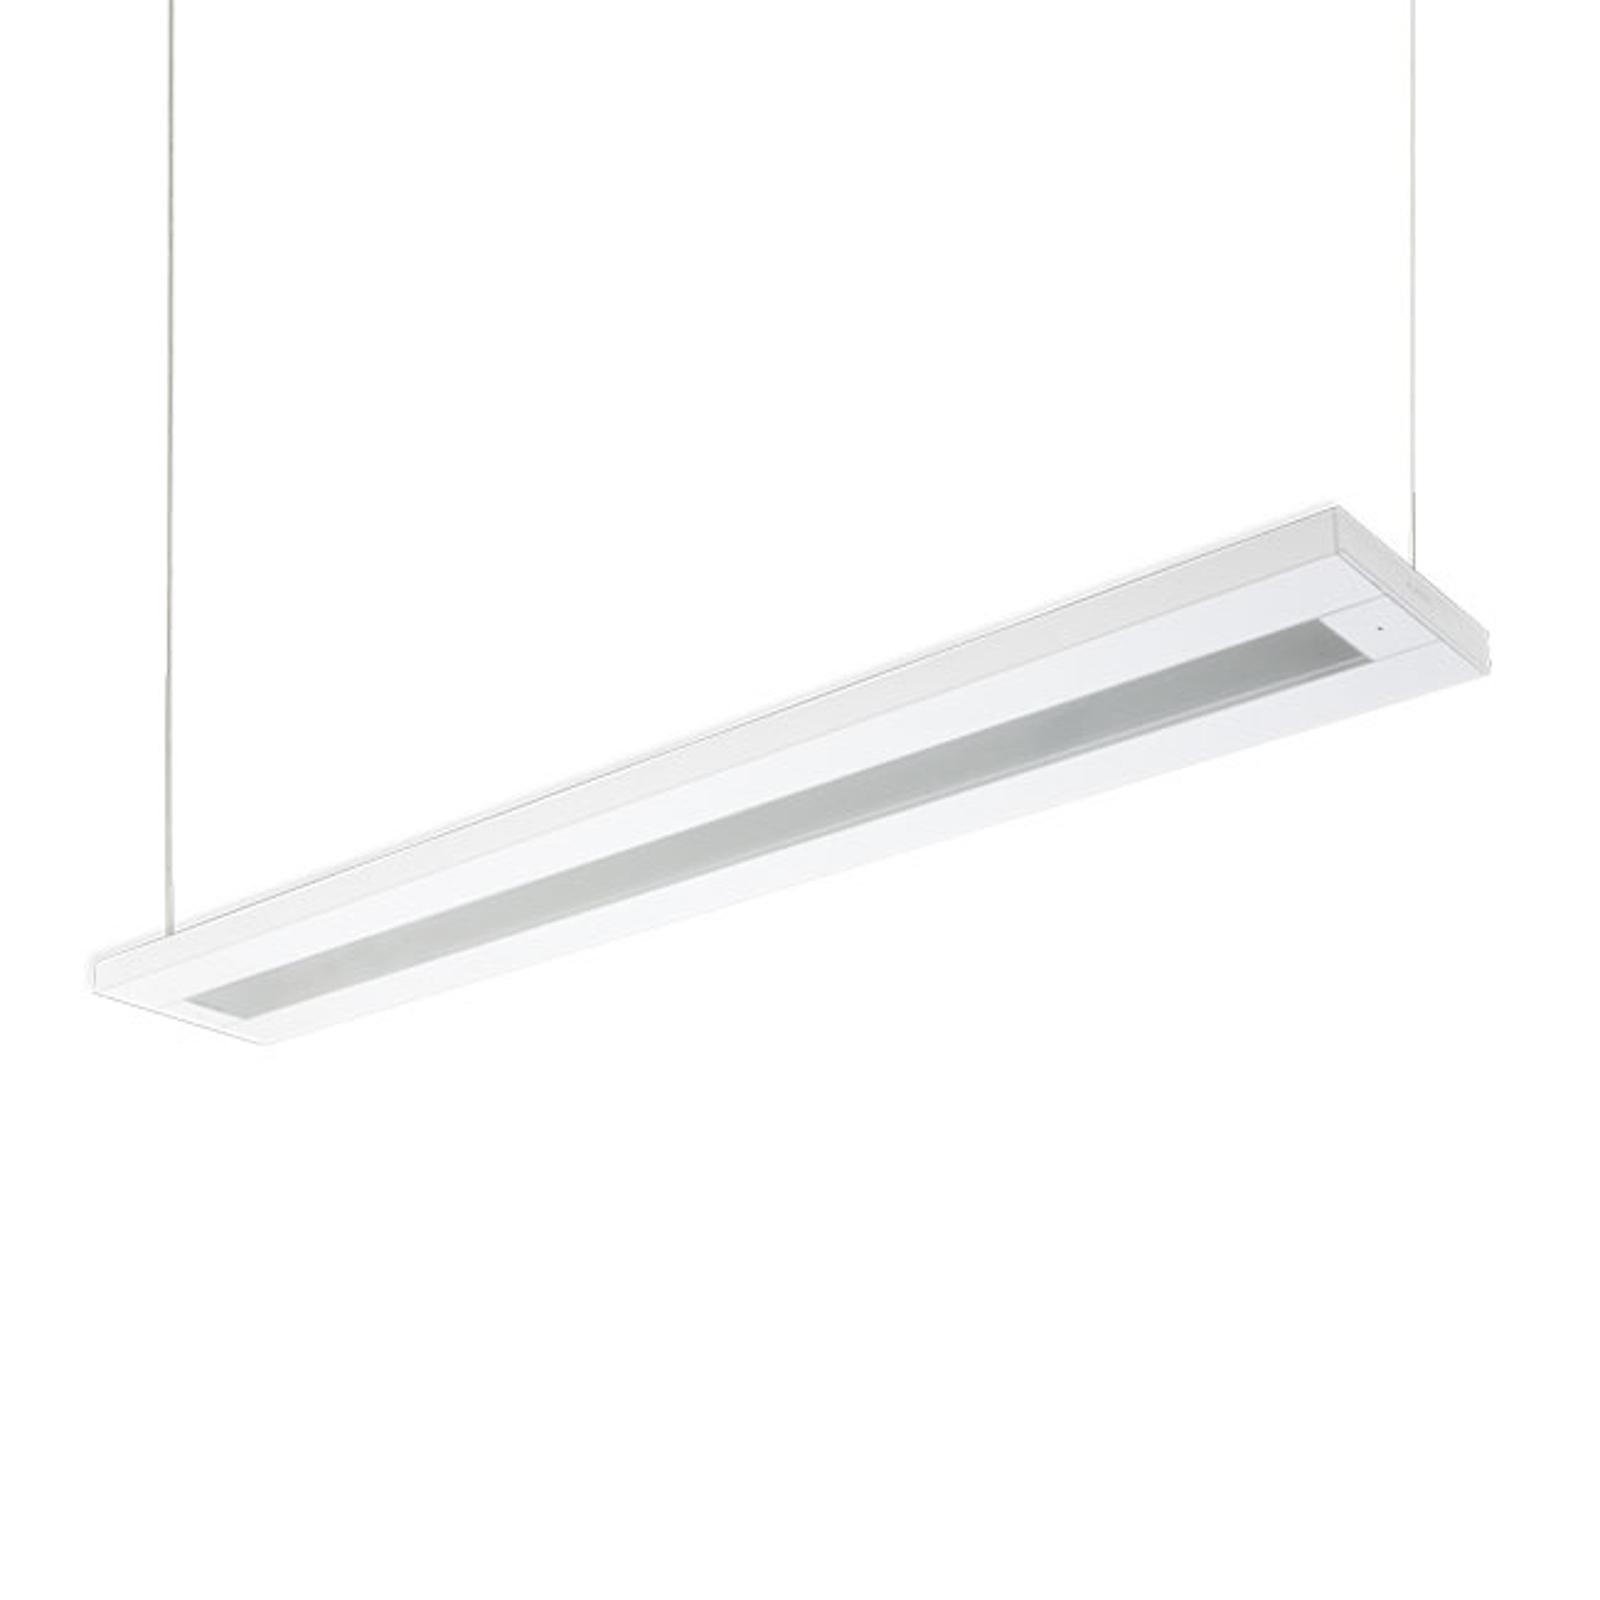 Suspension LED C20-P4 MP 127cm 4000K blanc 33W